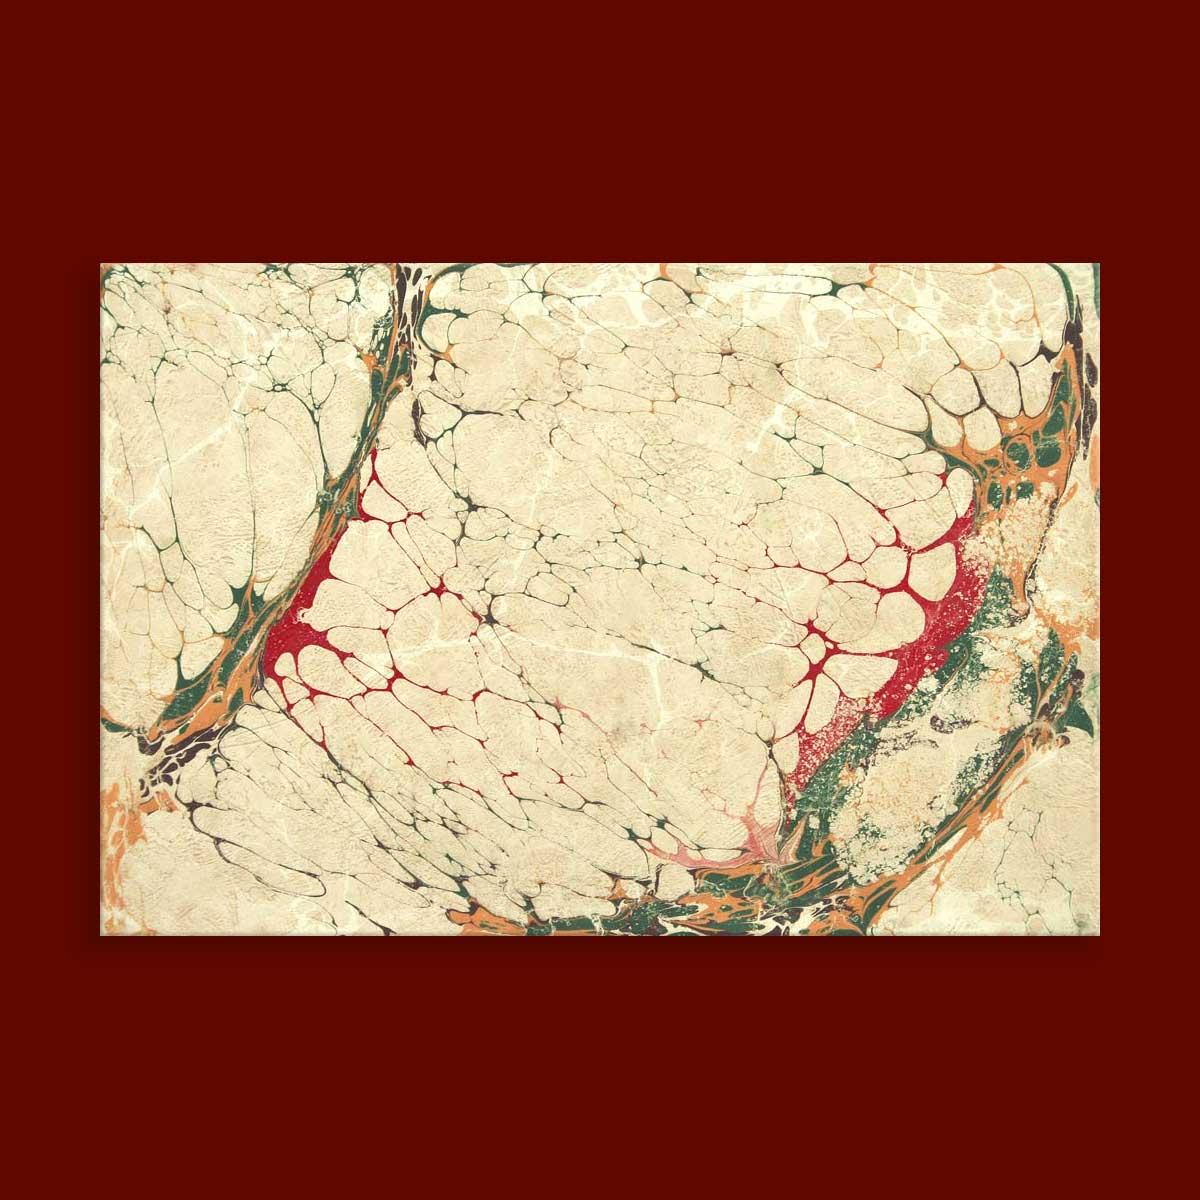 gürel ebrusu özgün kompozisyon No 36